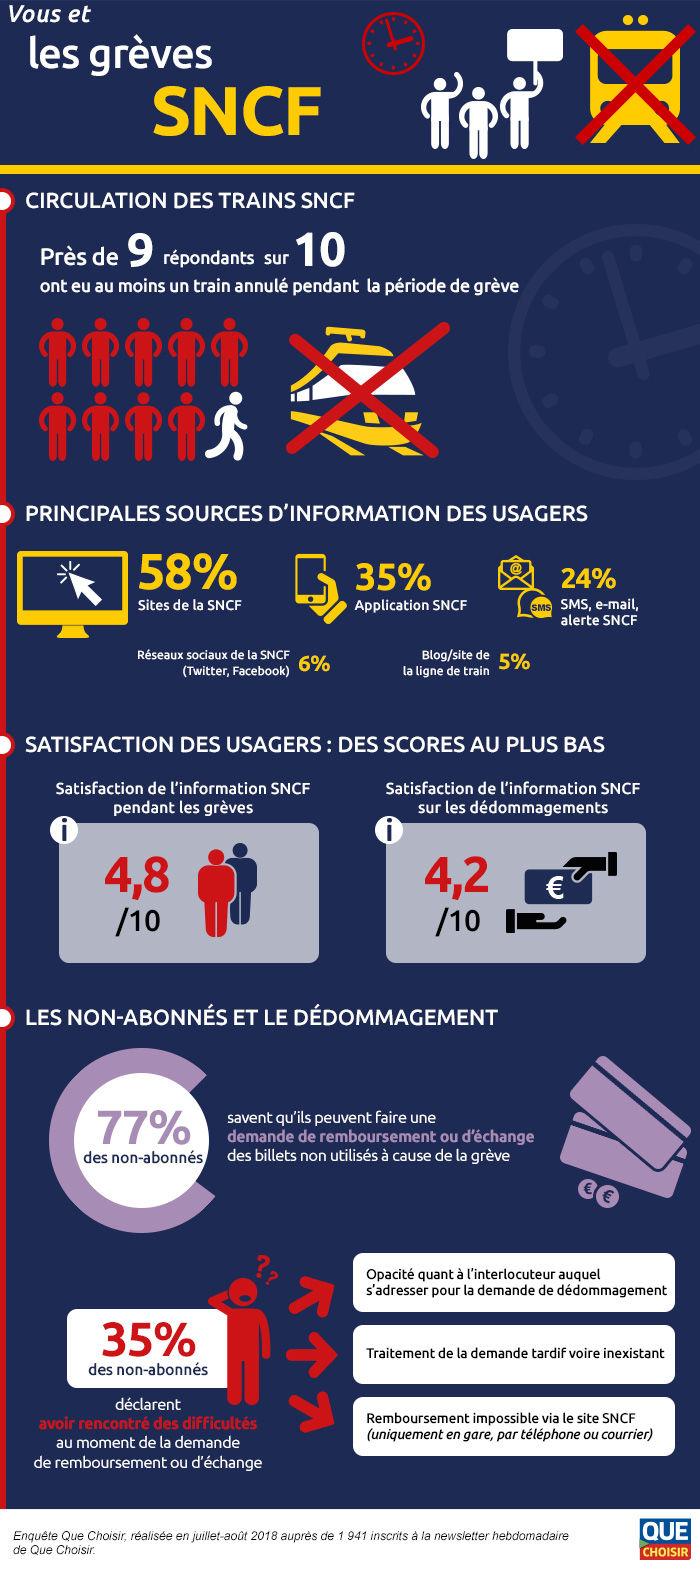 infographie-vous-et-les-greves-sncf